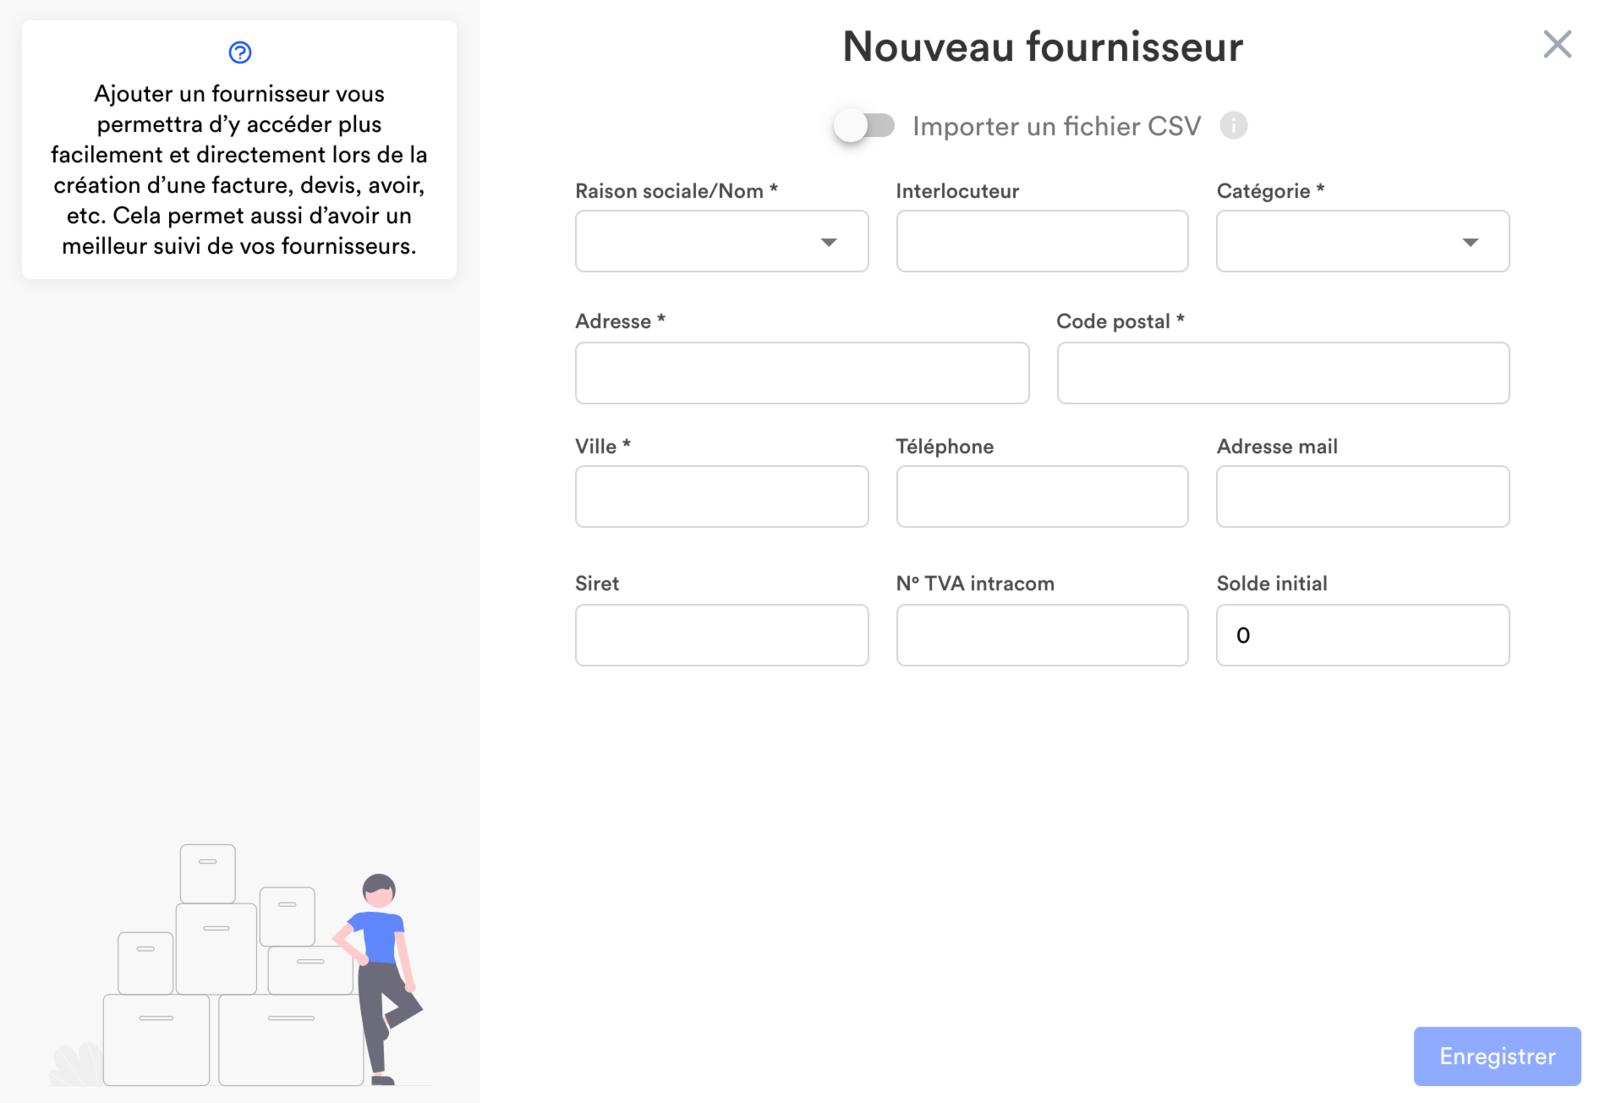 Fournisseur